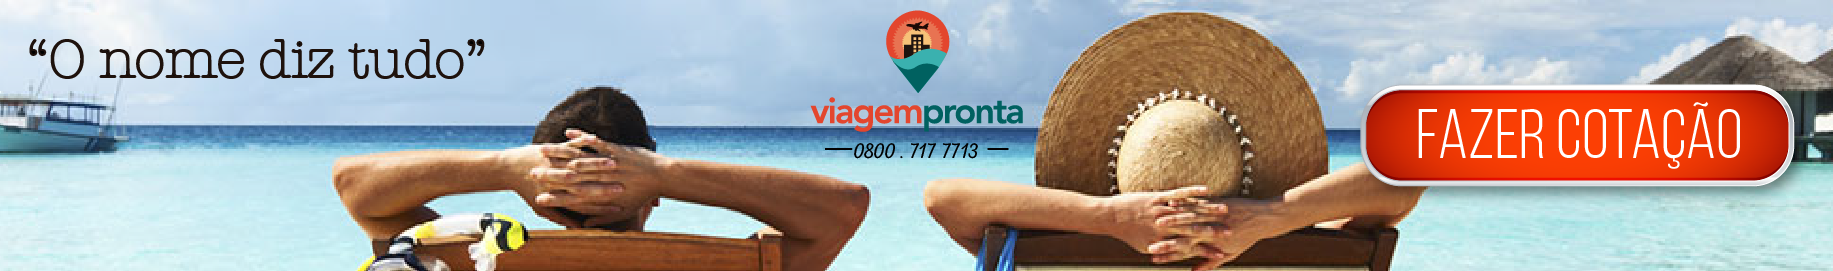 Visit Sponsor